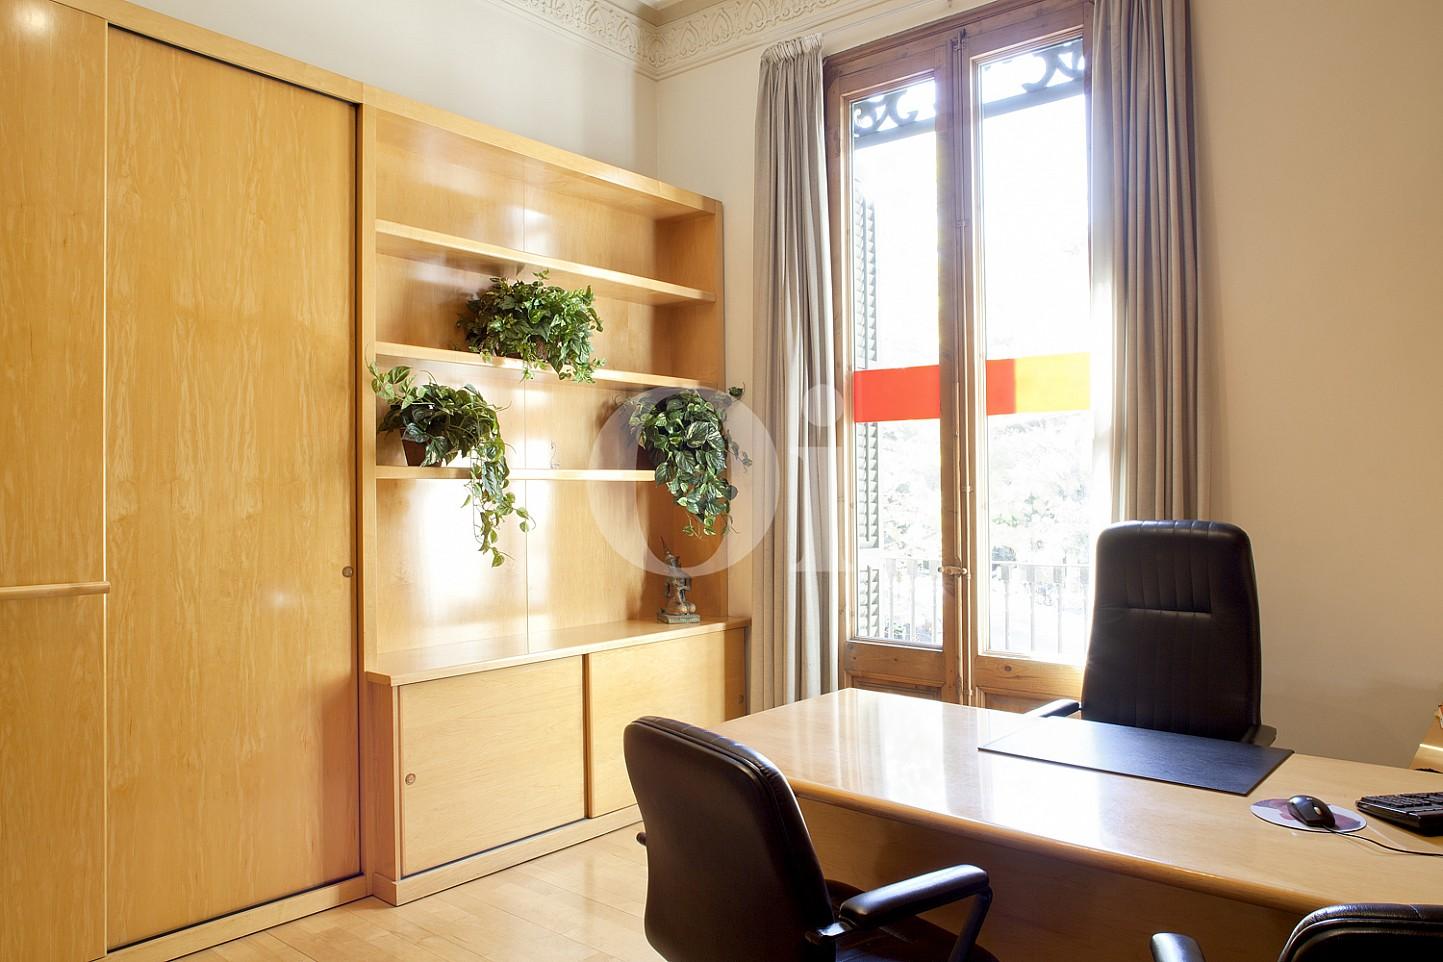 Despatx d'un elegant pis en venda a Barcelona, al costat de Passeig de Gràcia